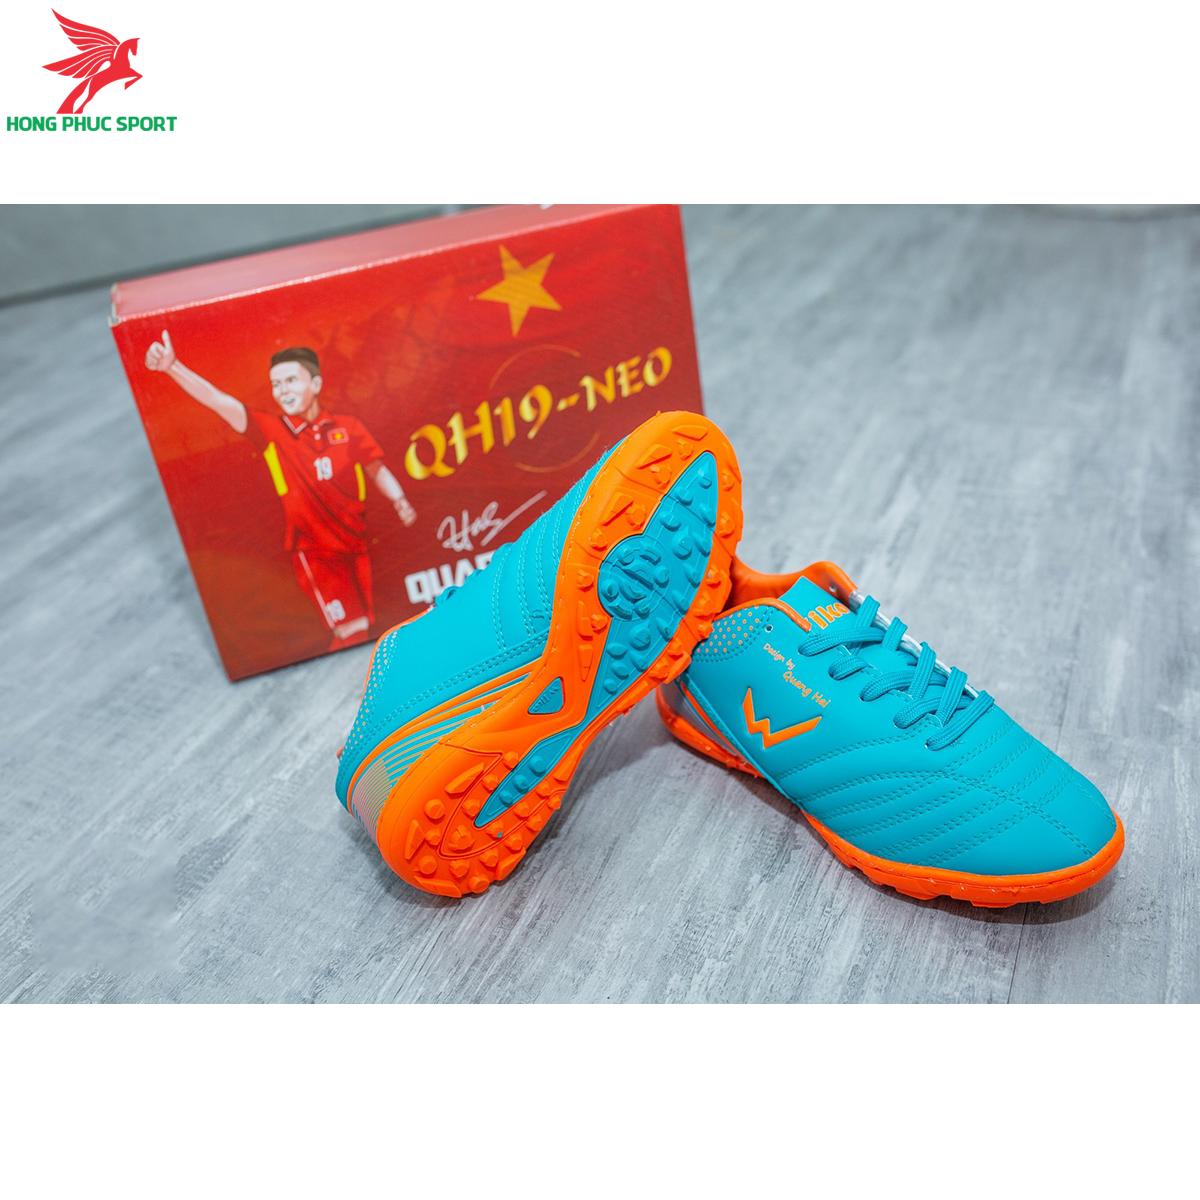 Giày đá banh Wika QH19 Neo Kids sân cỏ nhân tạo màu Xanh ngọc (3)